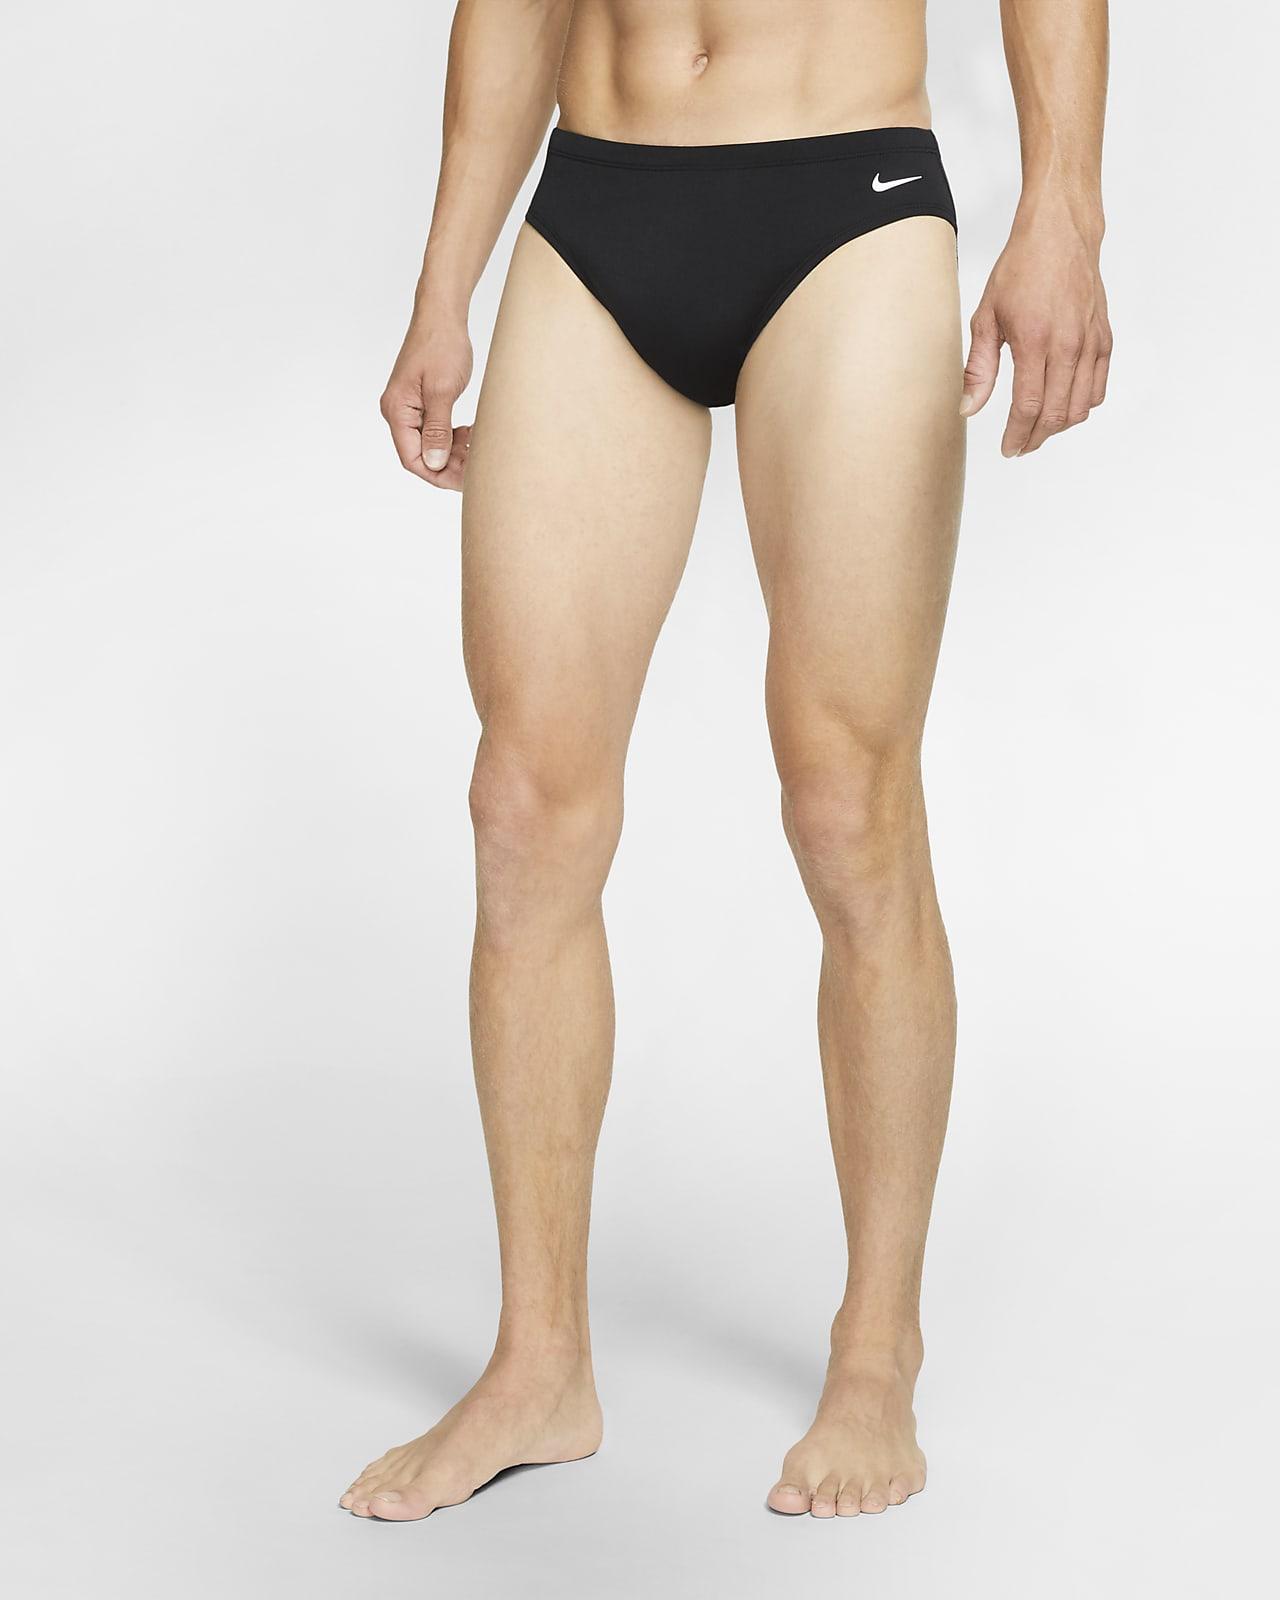 Acuerdo burlarse de yo lavo mi ropa  Nike Solid Bañador tipo eslip - Hombre. Nike ES